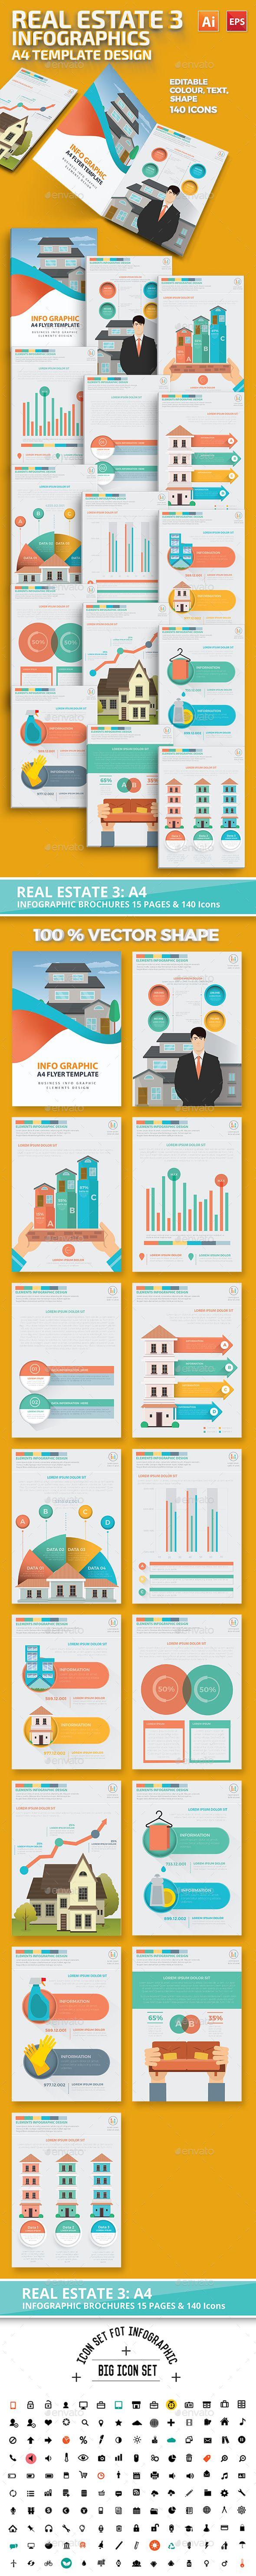 Real estate 3 infographic Design | Infografía